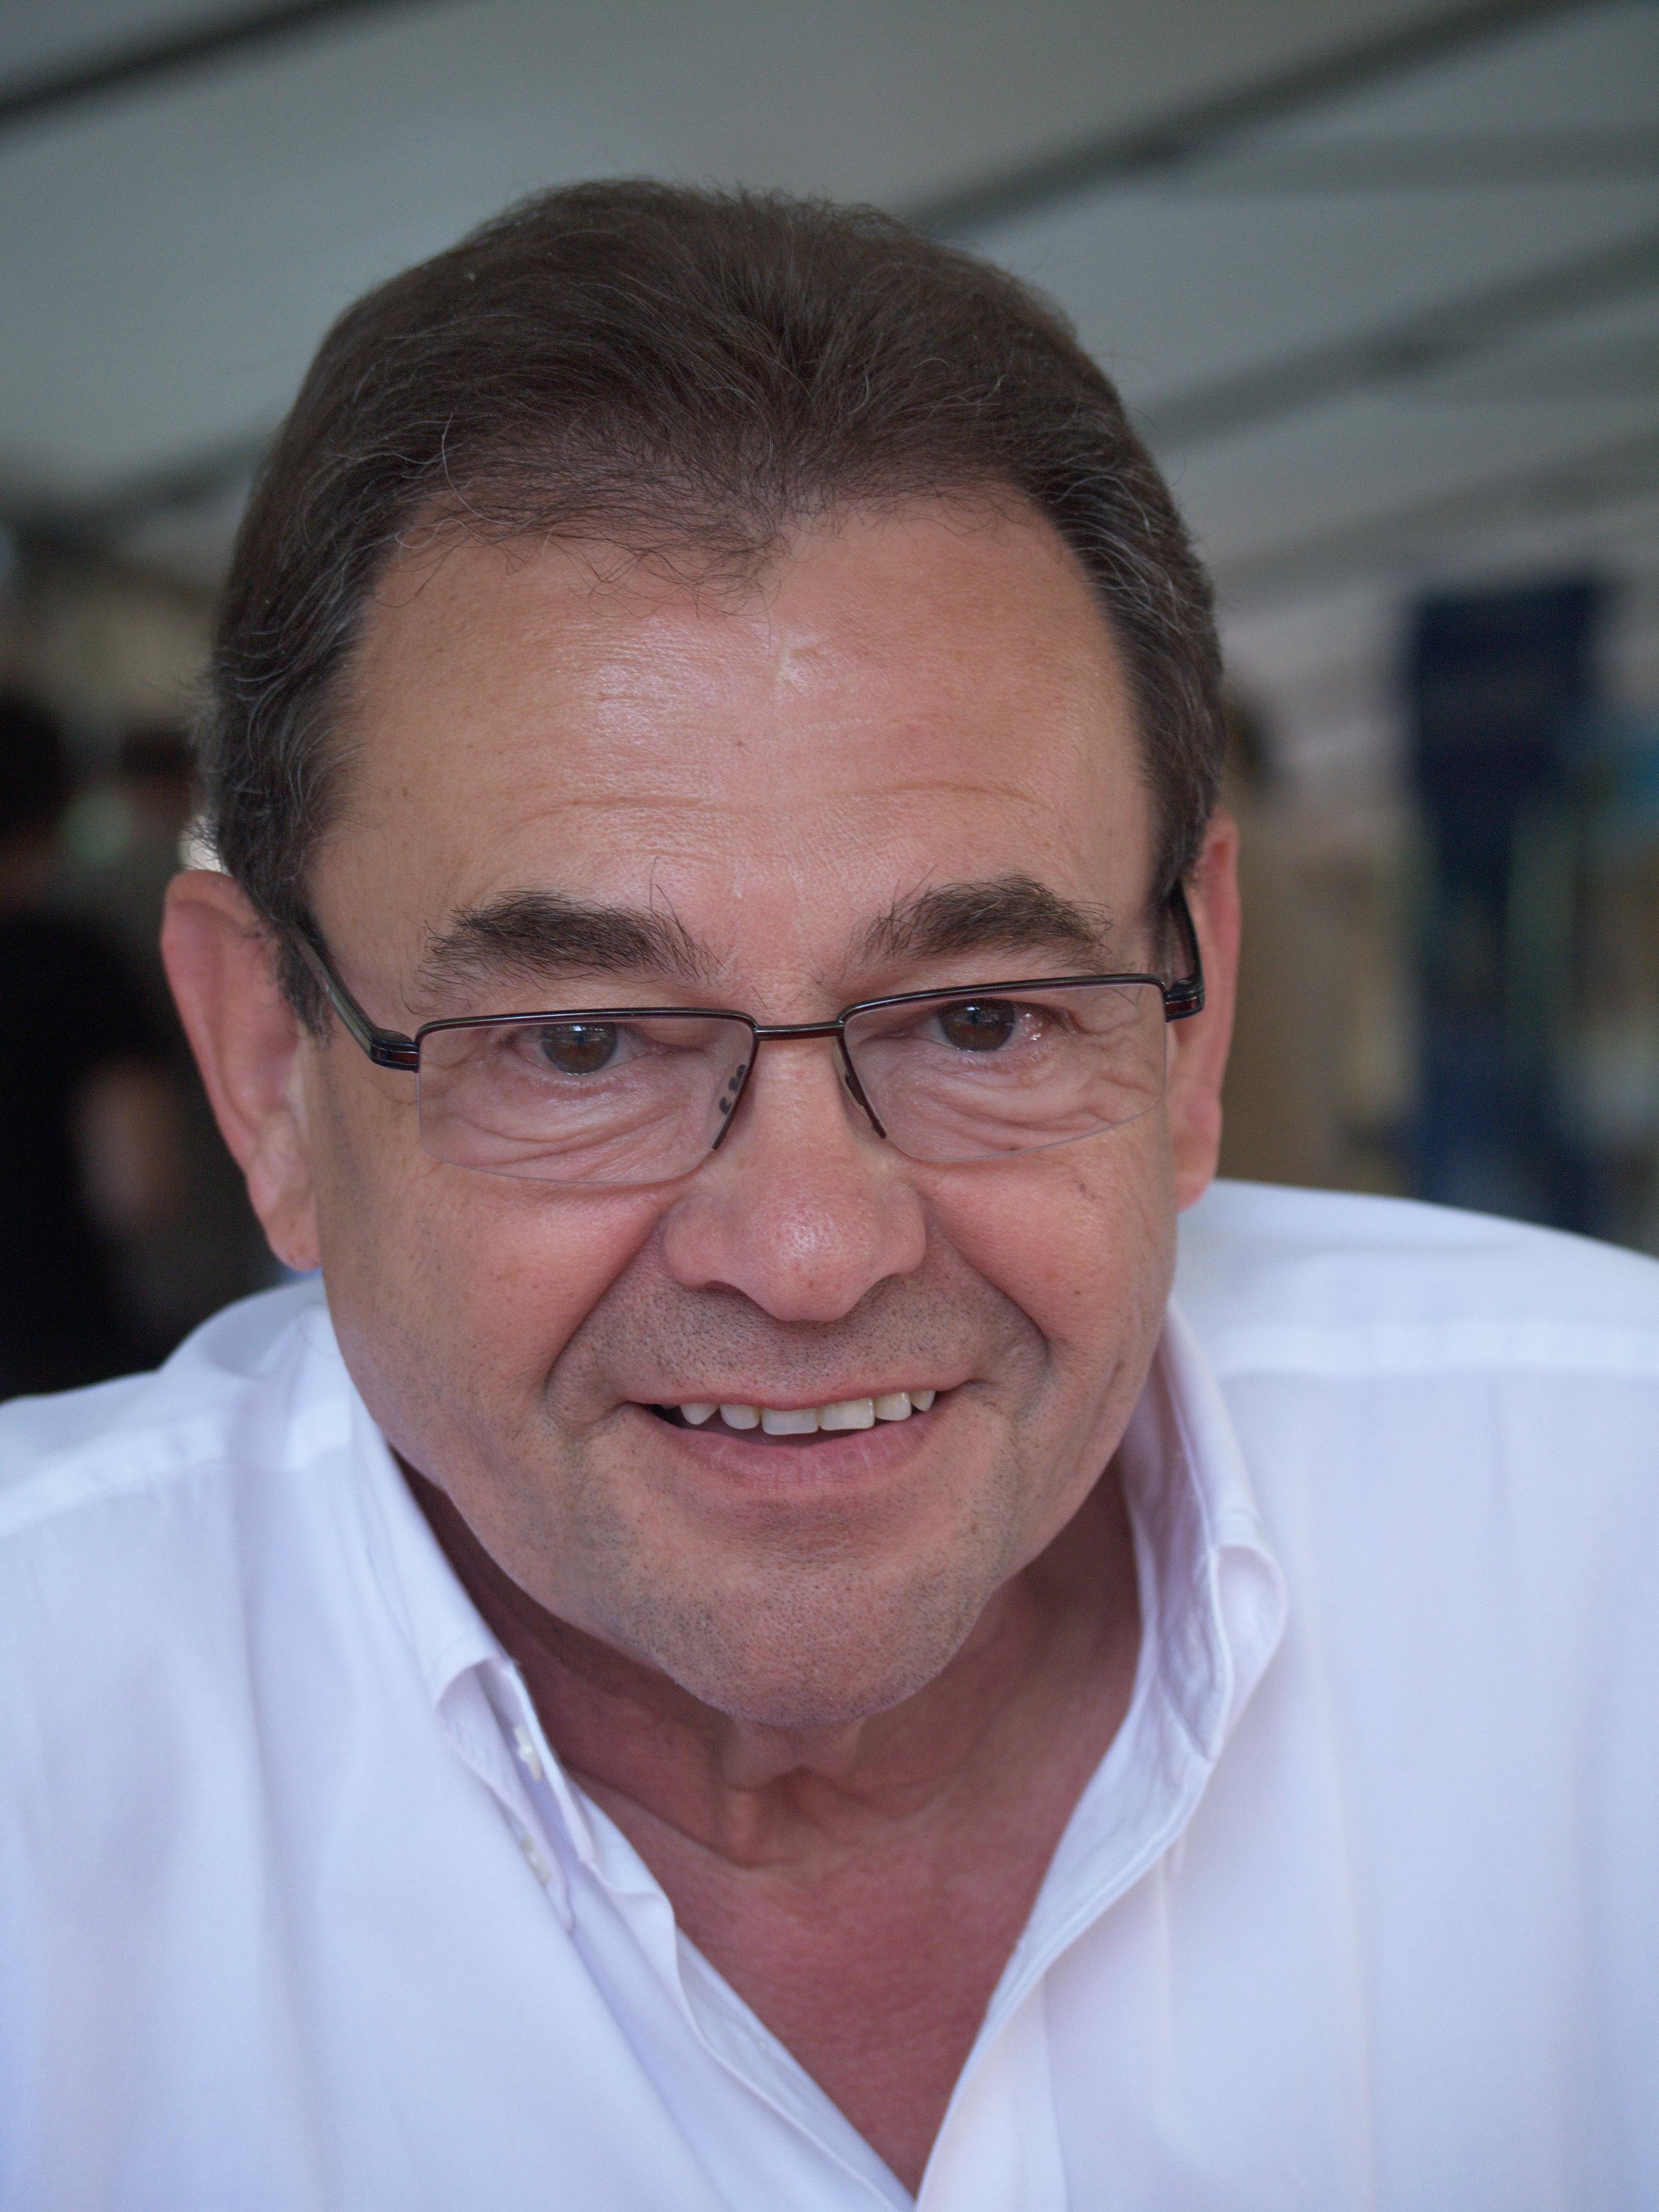 Bob de Groot in June 2010